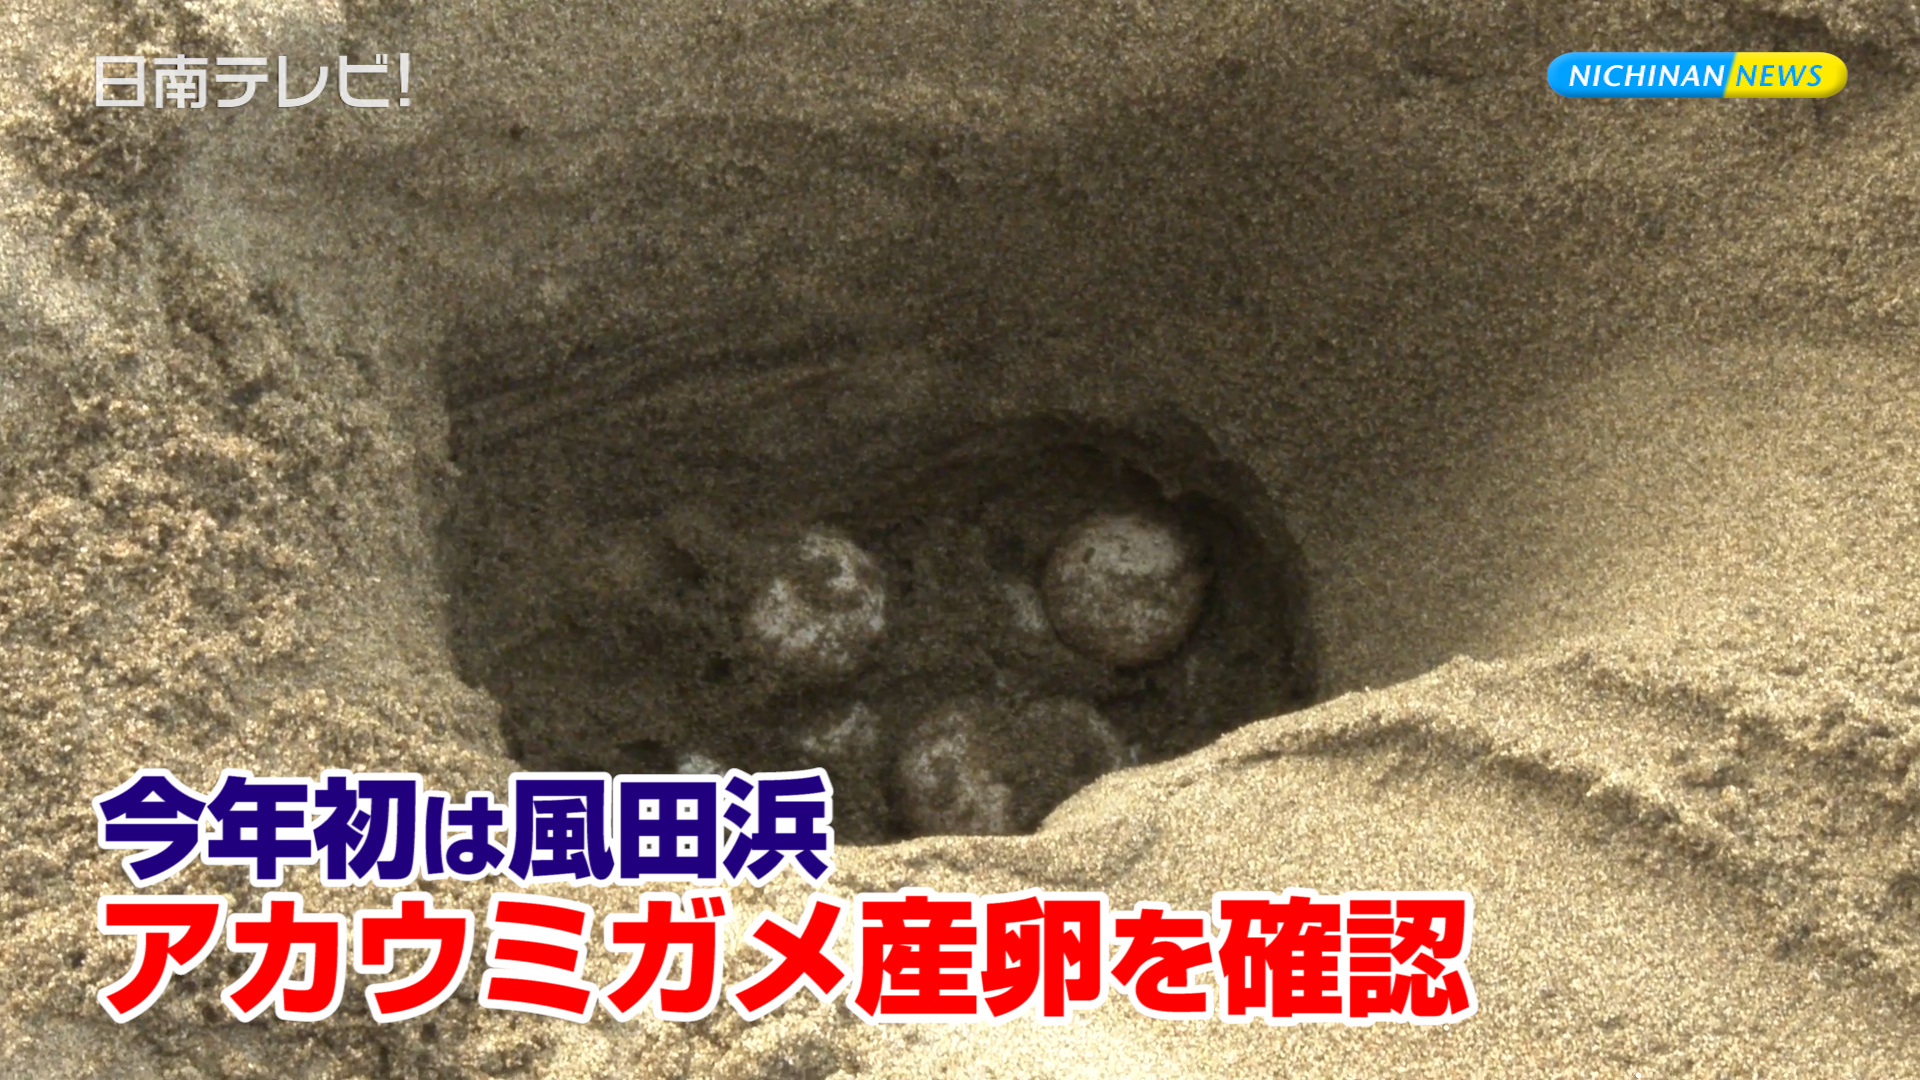 今年初は風田浜 アカウミガメの産卵を確認